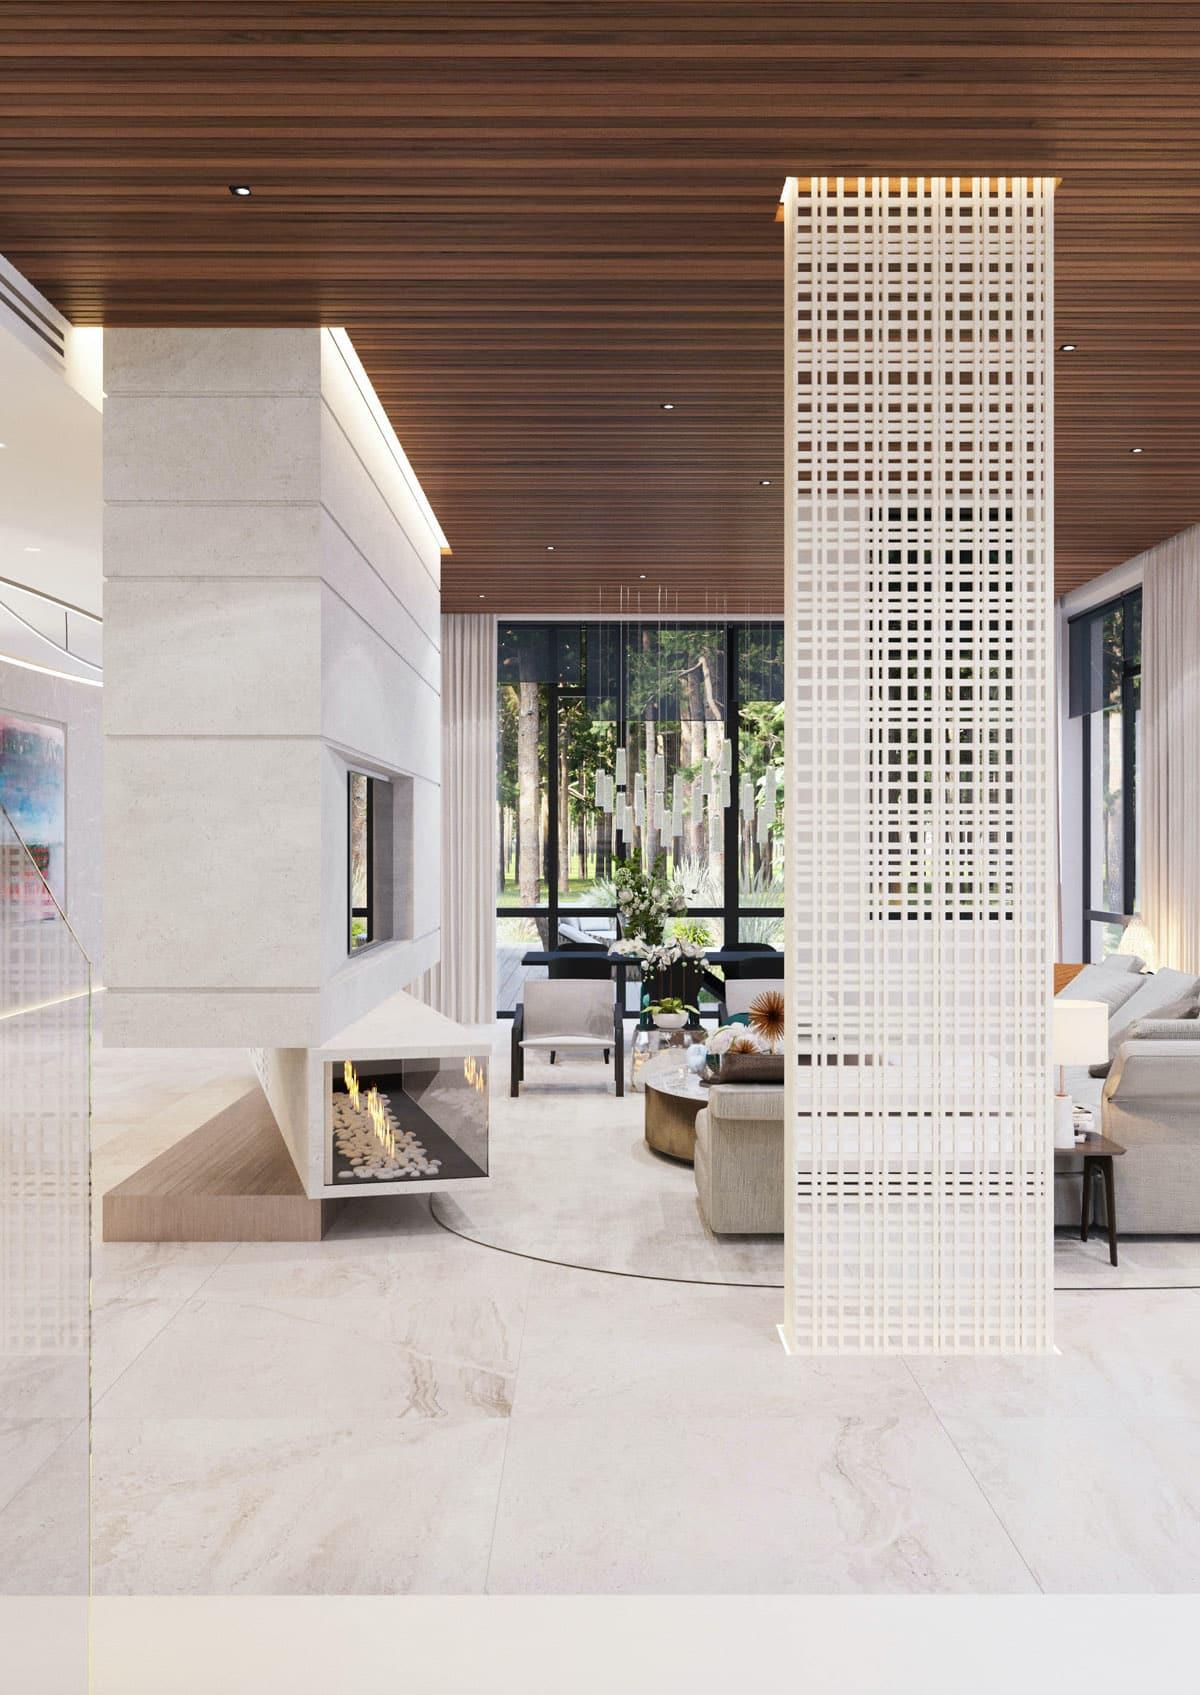 Дизайн интерьера в стиле хай-тек с изящным камином в центре внимания